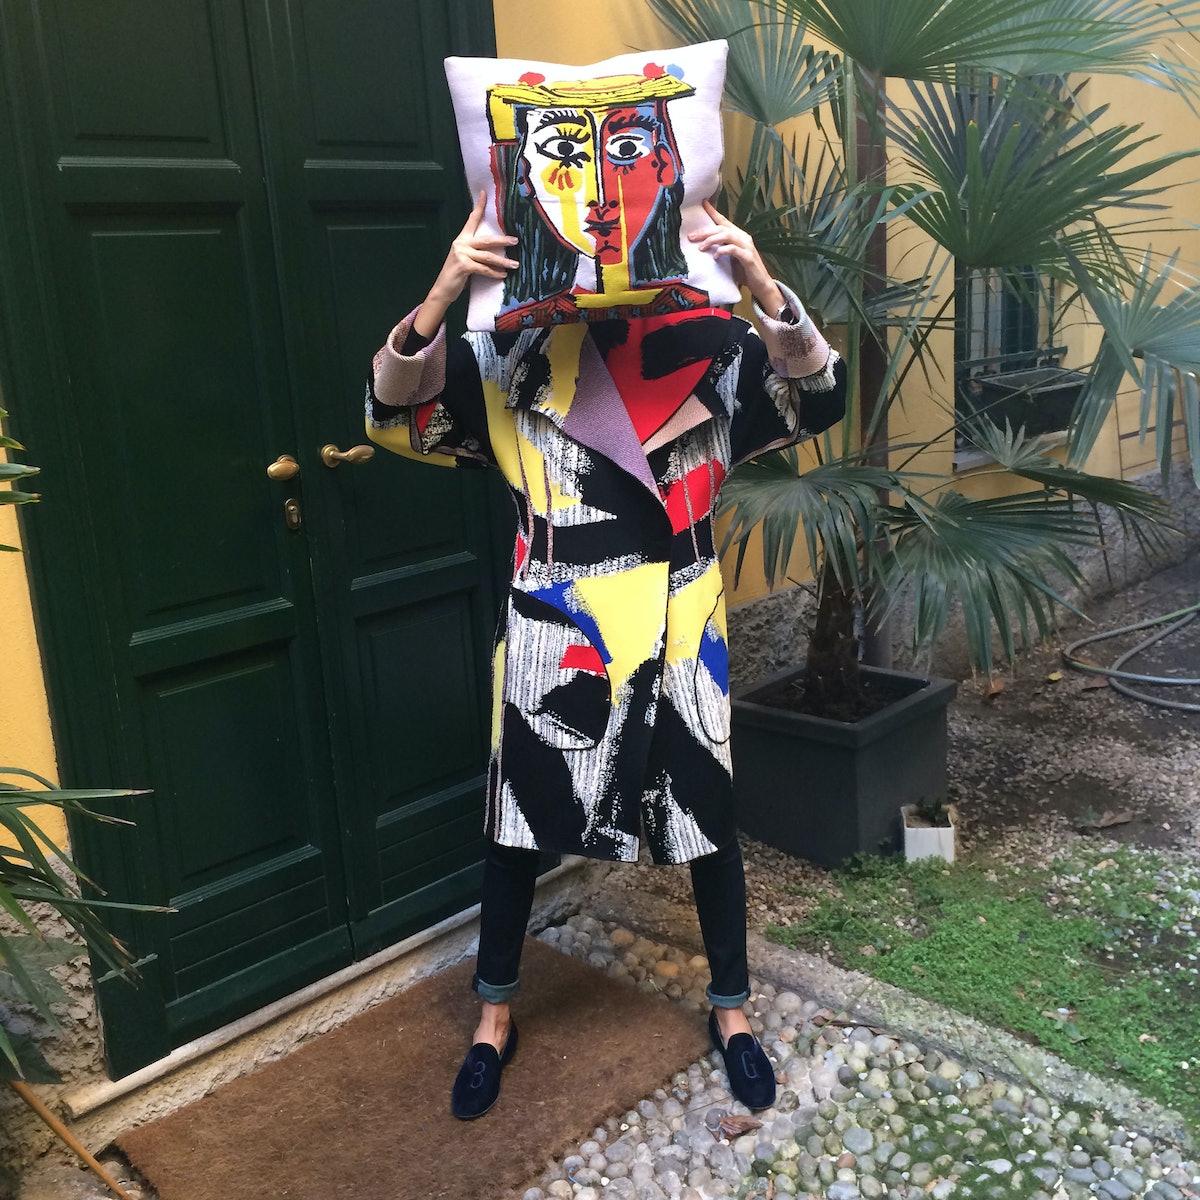 Picasso Pillow Giovanna Battaglia